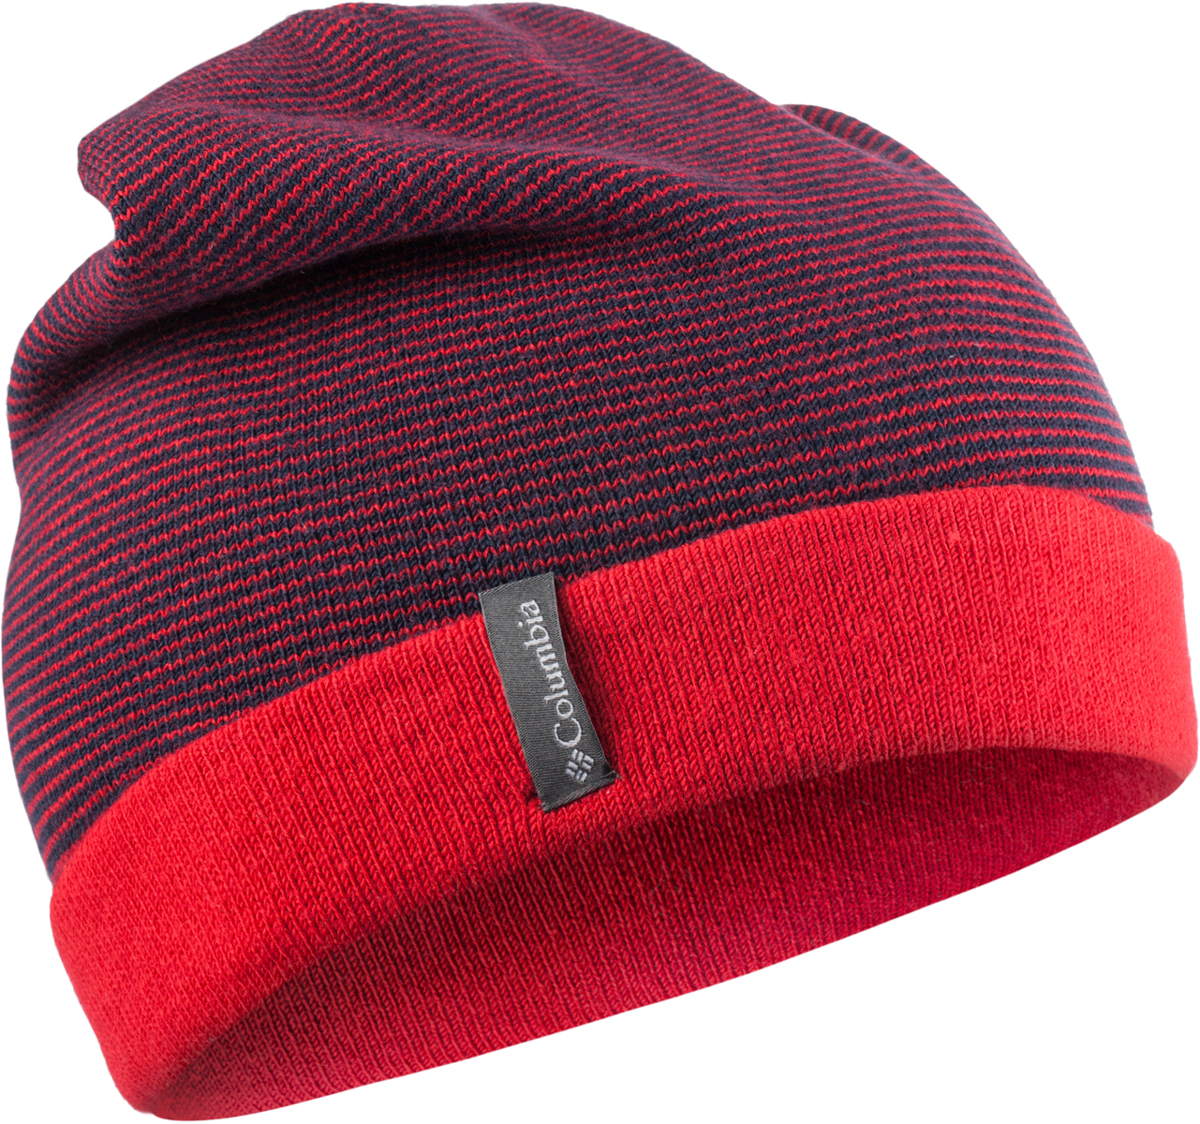 Шапка мужская Columbia Cascade Reversible Watchcap Hat, цвет: красный. 1682191-613. Размер универсальный ботинки мужские columbia cascade pass waterproof